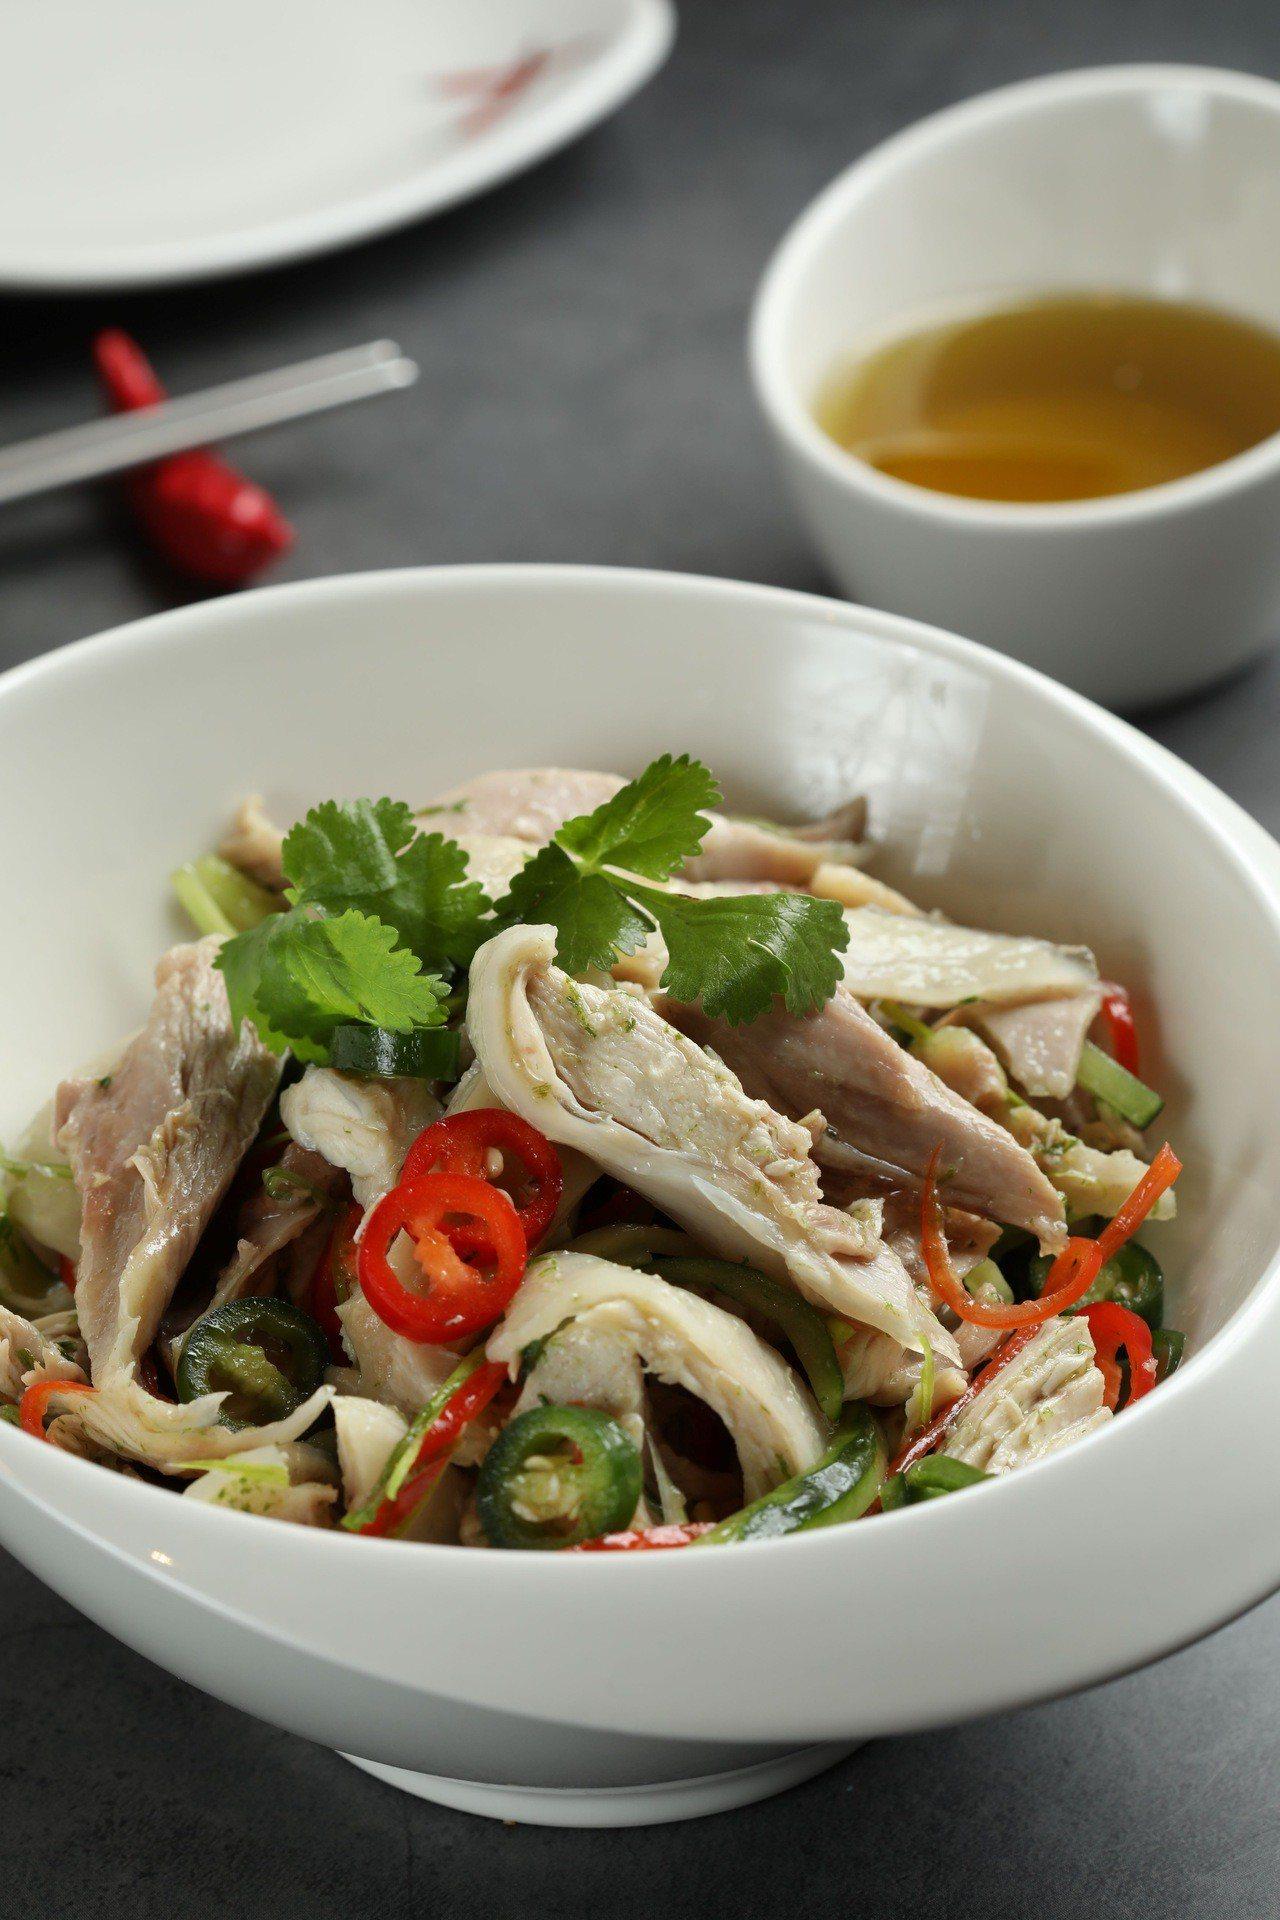 藤椒拌拌雞。 圖/開飯川食堂提供